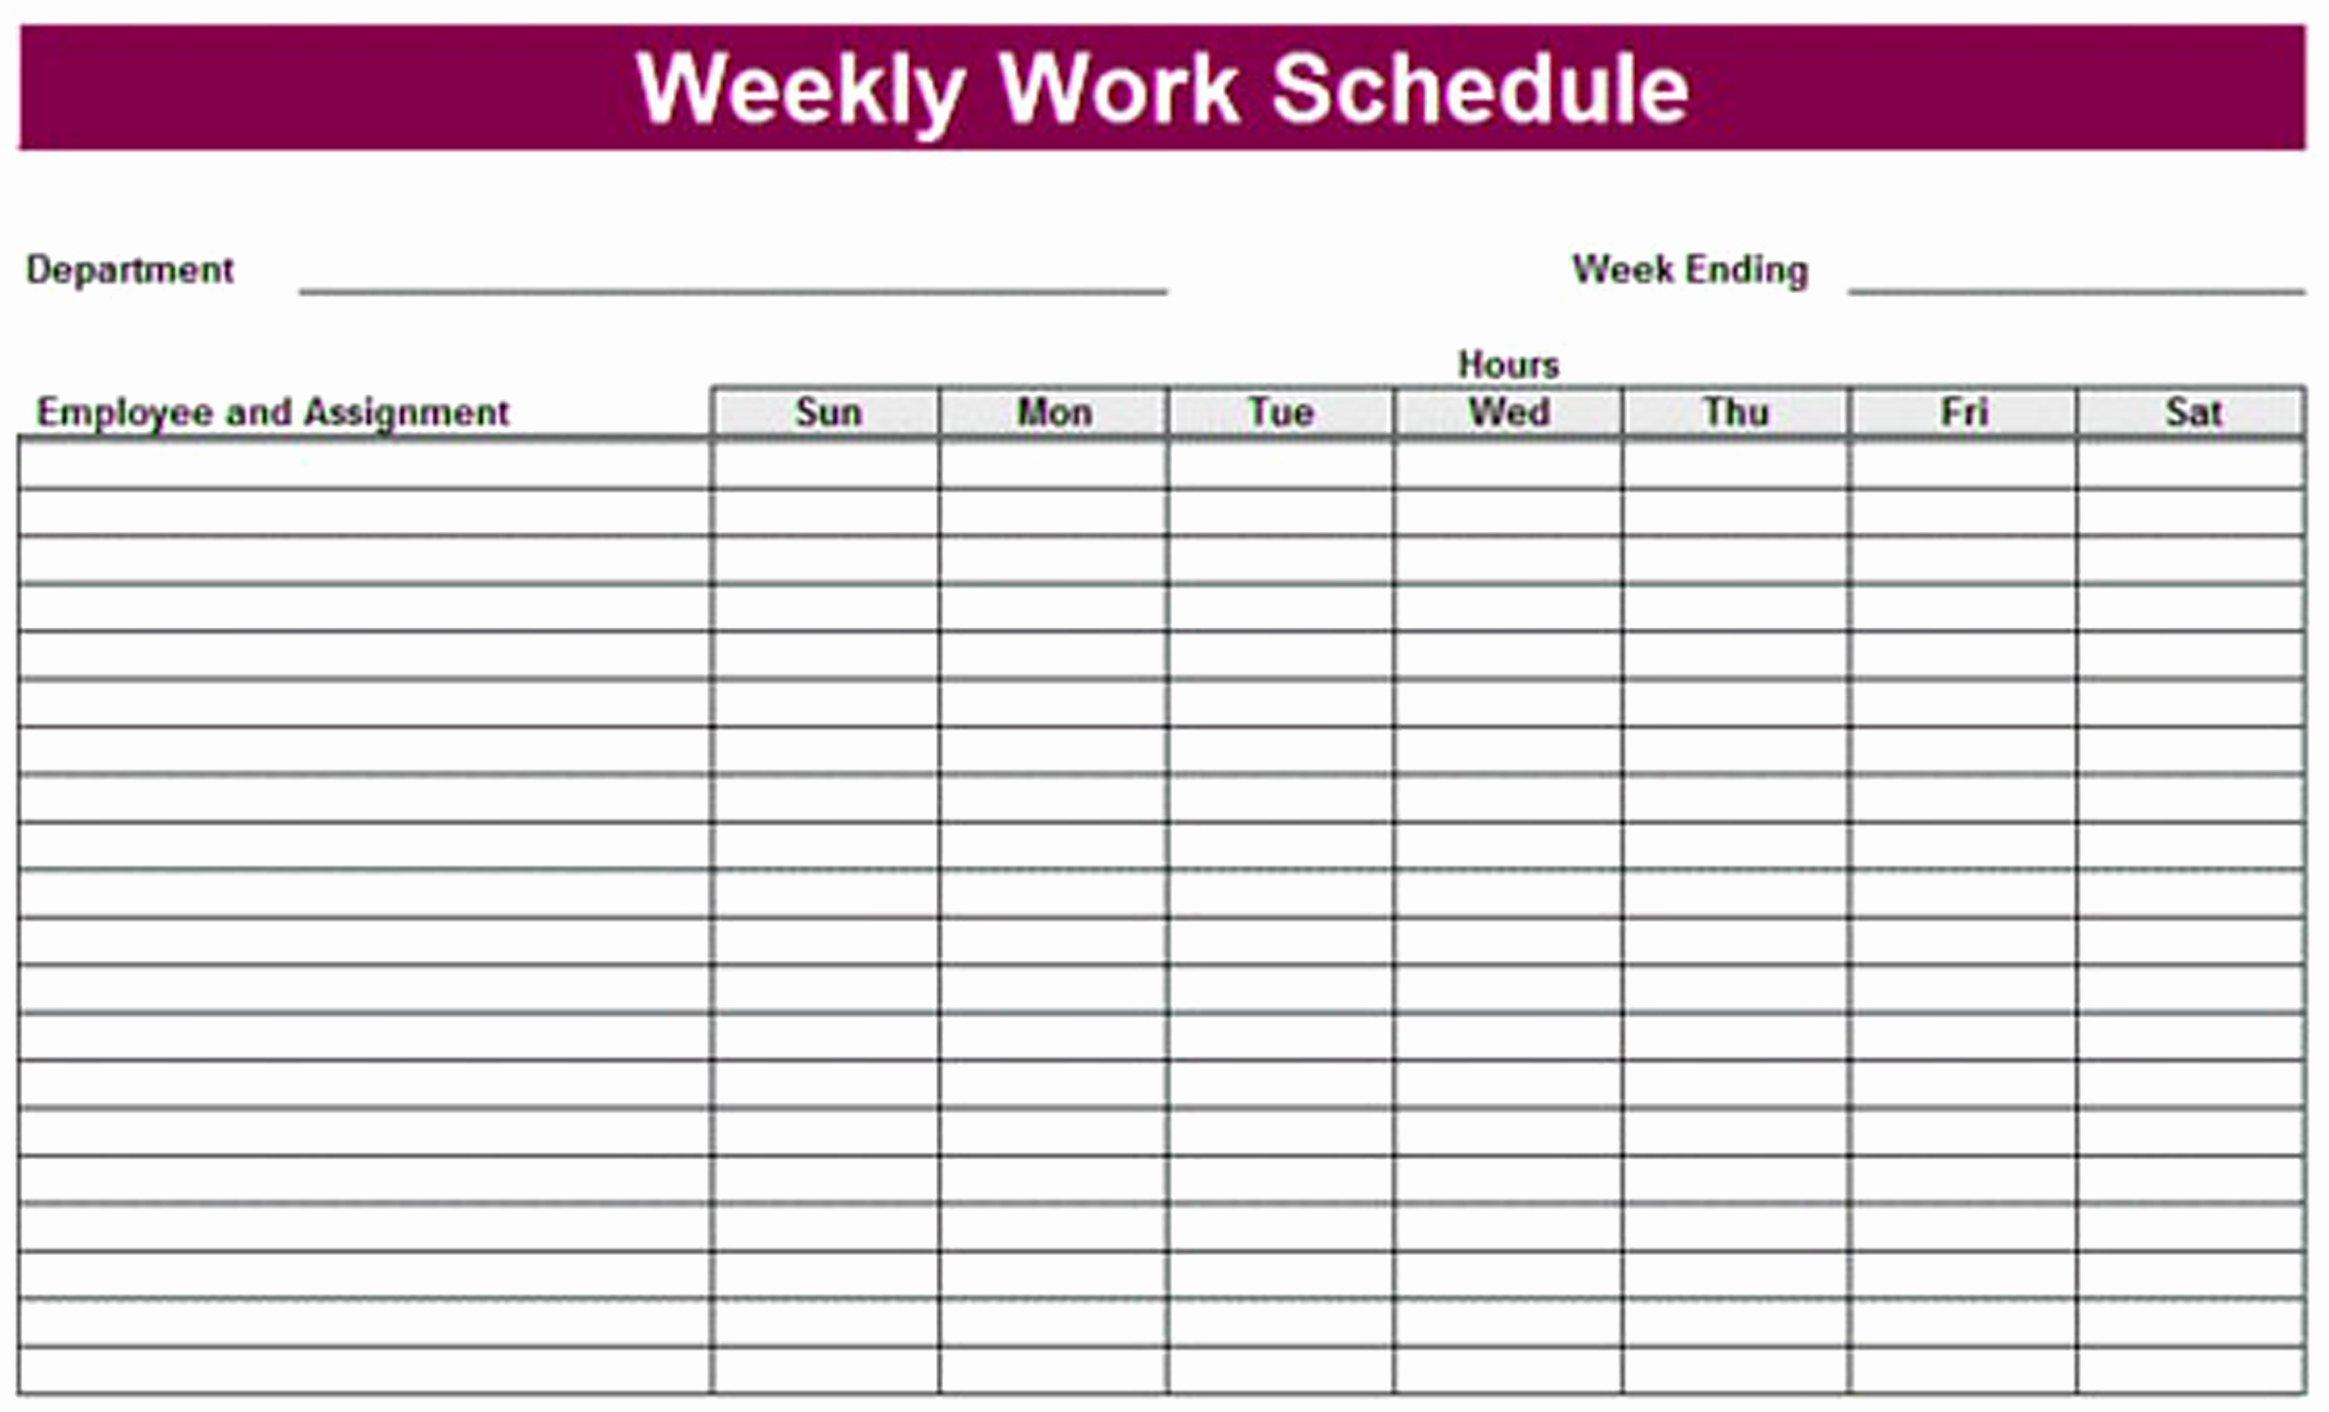 Printable Work Schedule Template Elegant Printable Weekly Schedule Template & Excel Planner